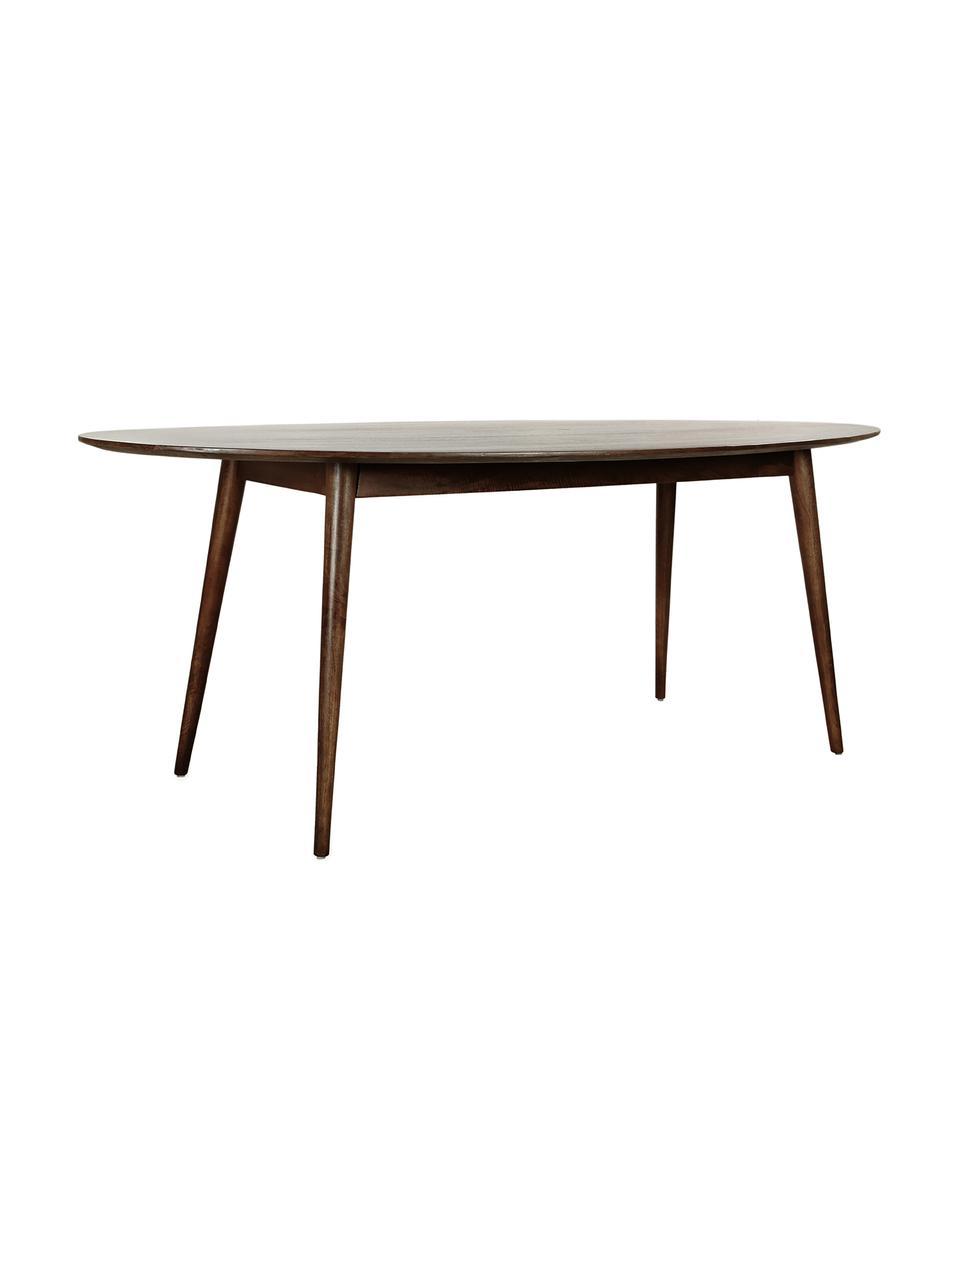 Tavolo ovale in legno massello Oscar, 203 x 97 cm, Legno di mango massello, verniciato, Marrone scuro, Larg. 203 x Prof. 97 cm